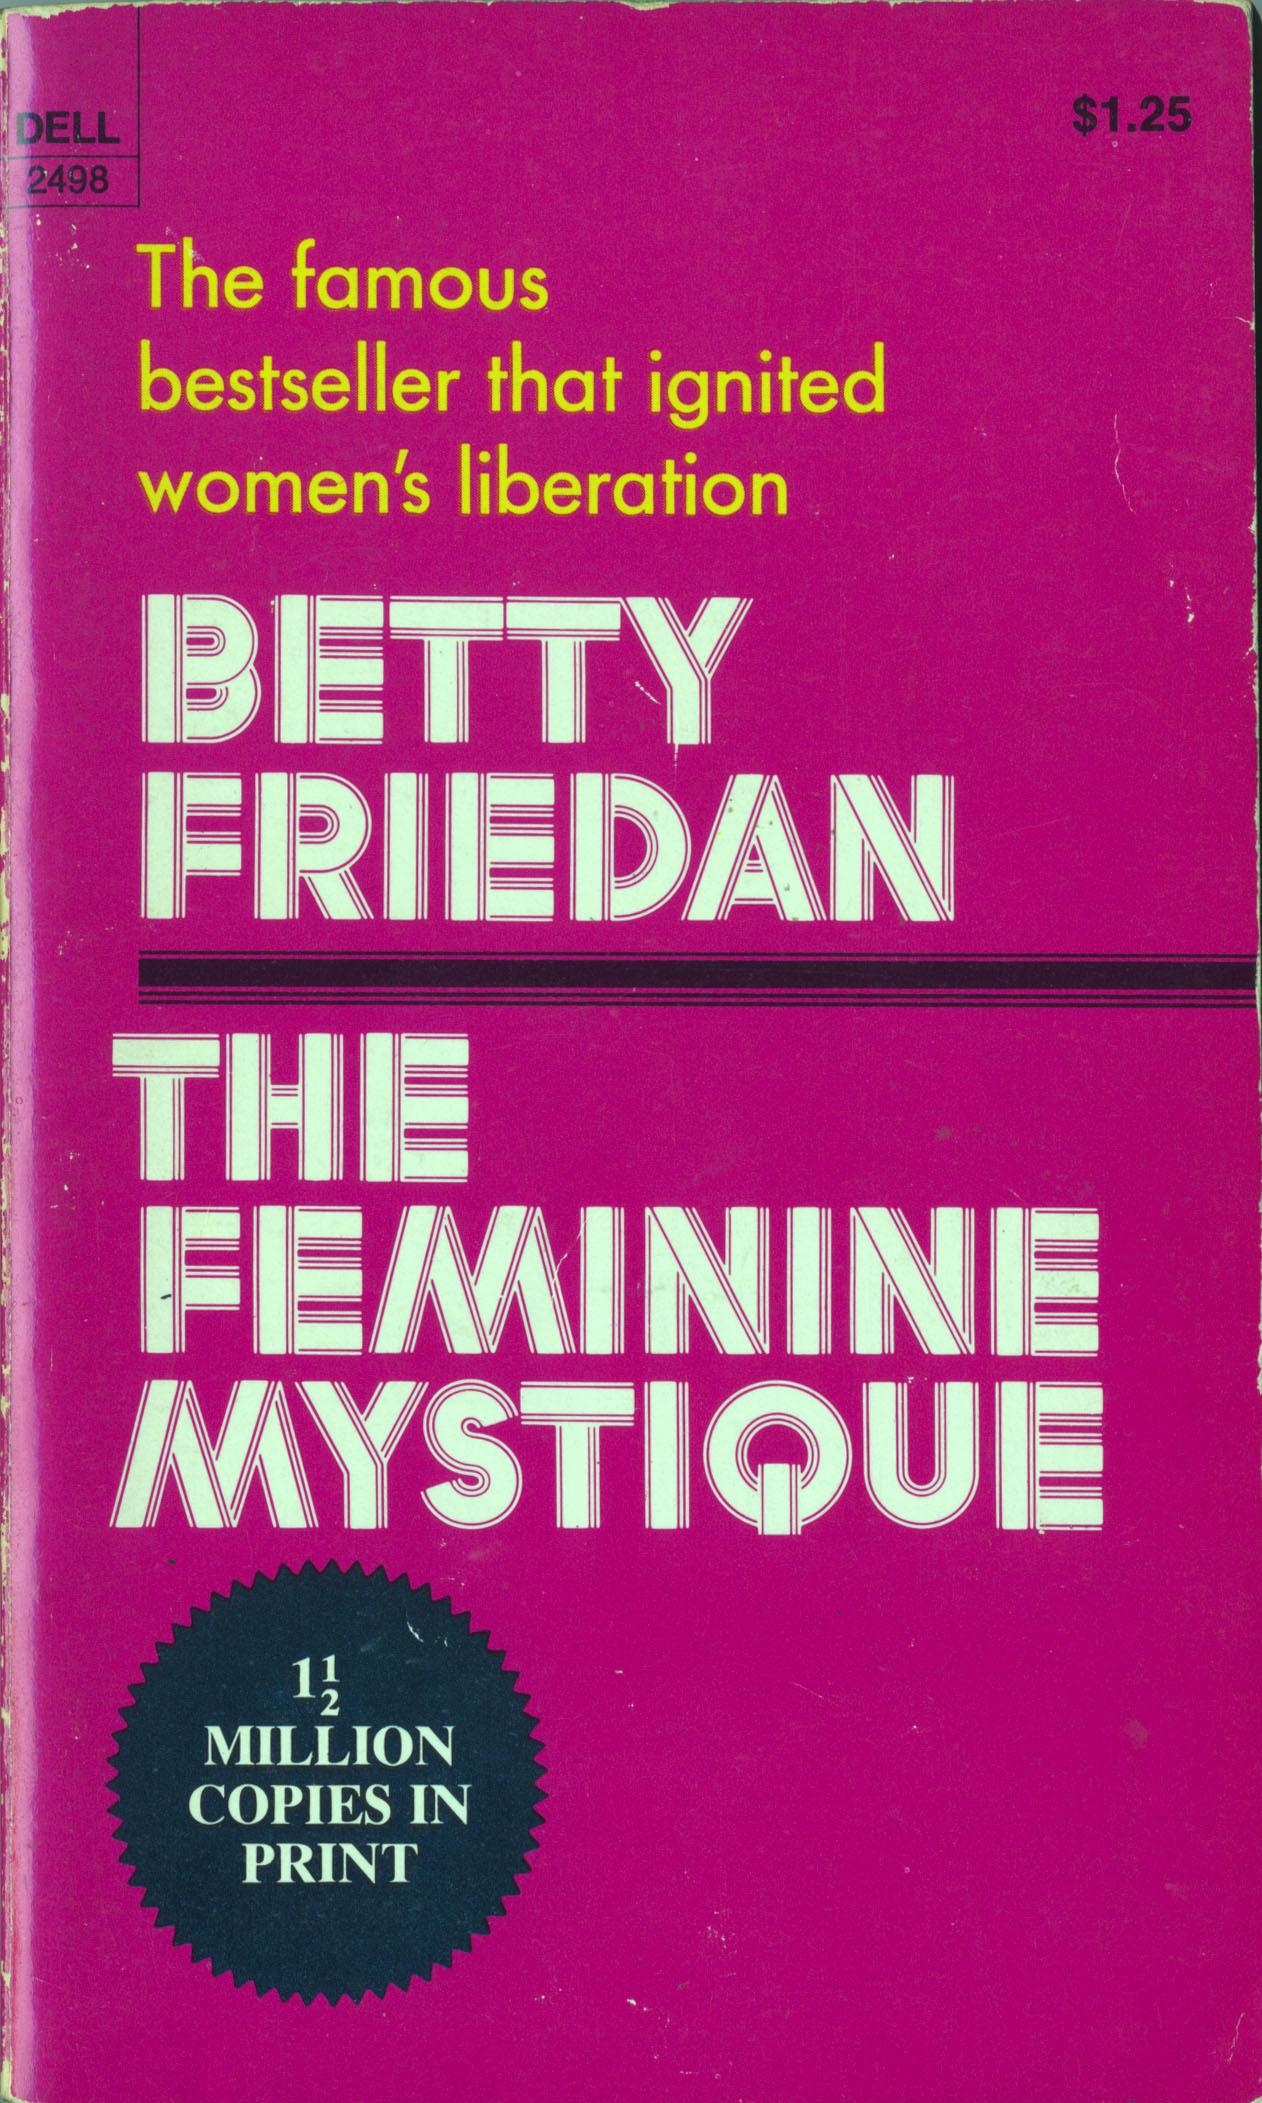 Feminine mystique ebook the